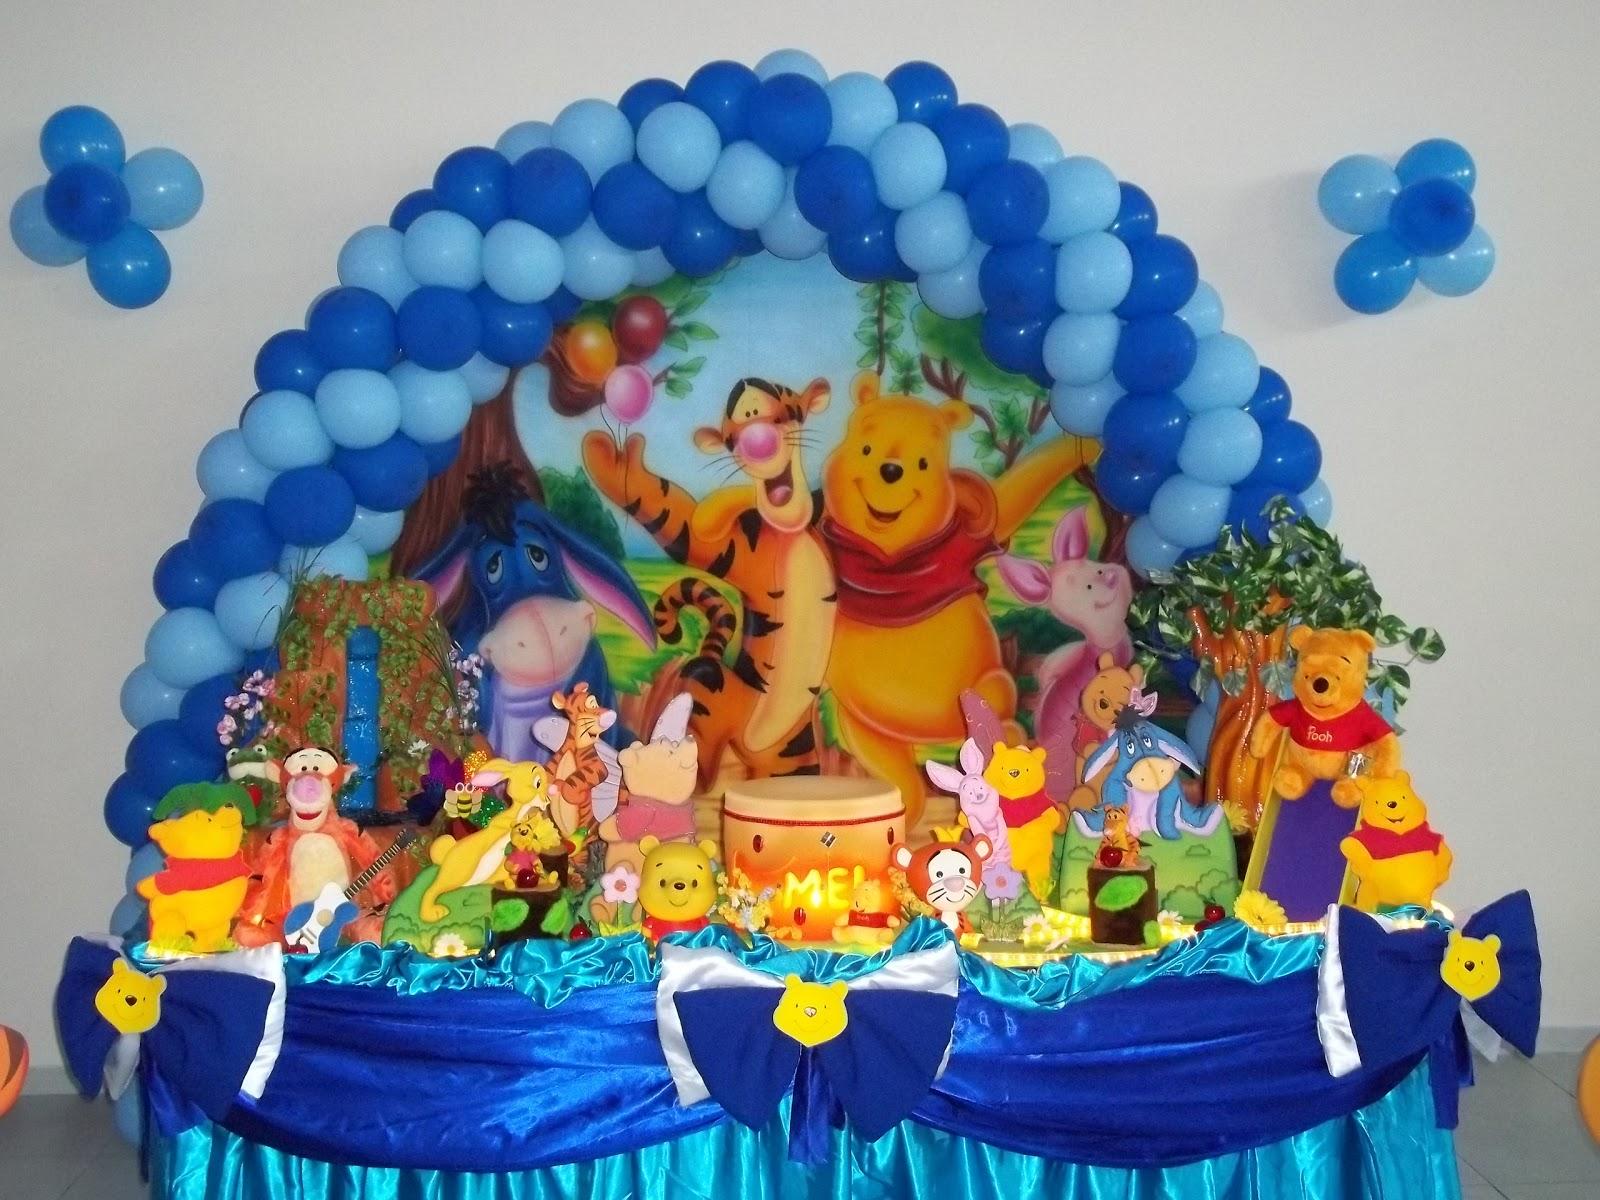 Pin Festa Infantil Pooh Pelautscom on Pinterest